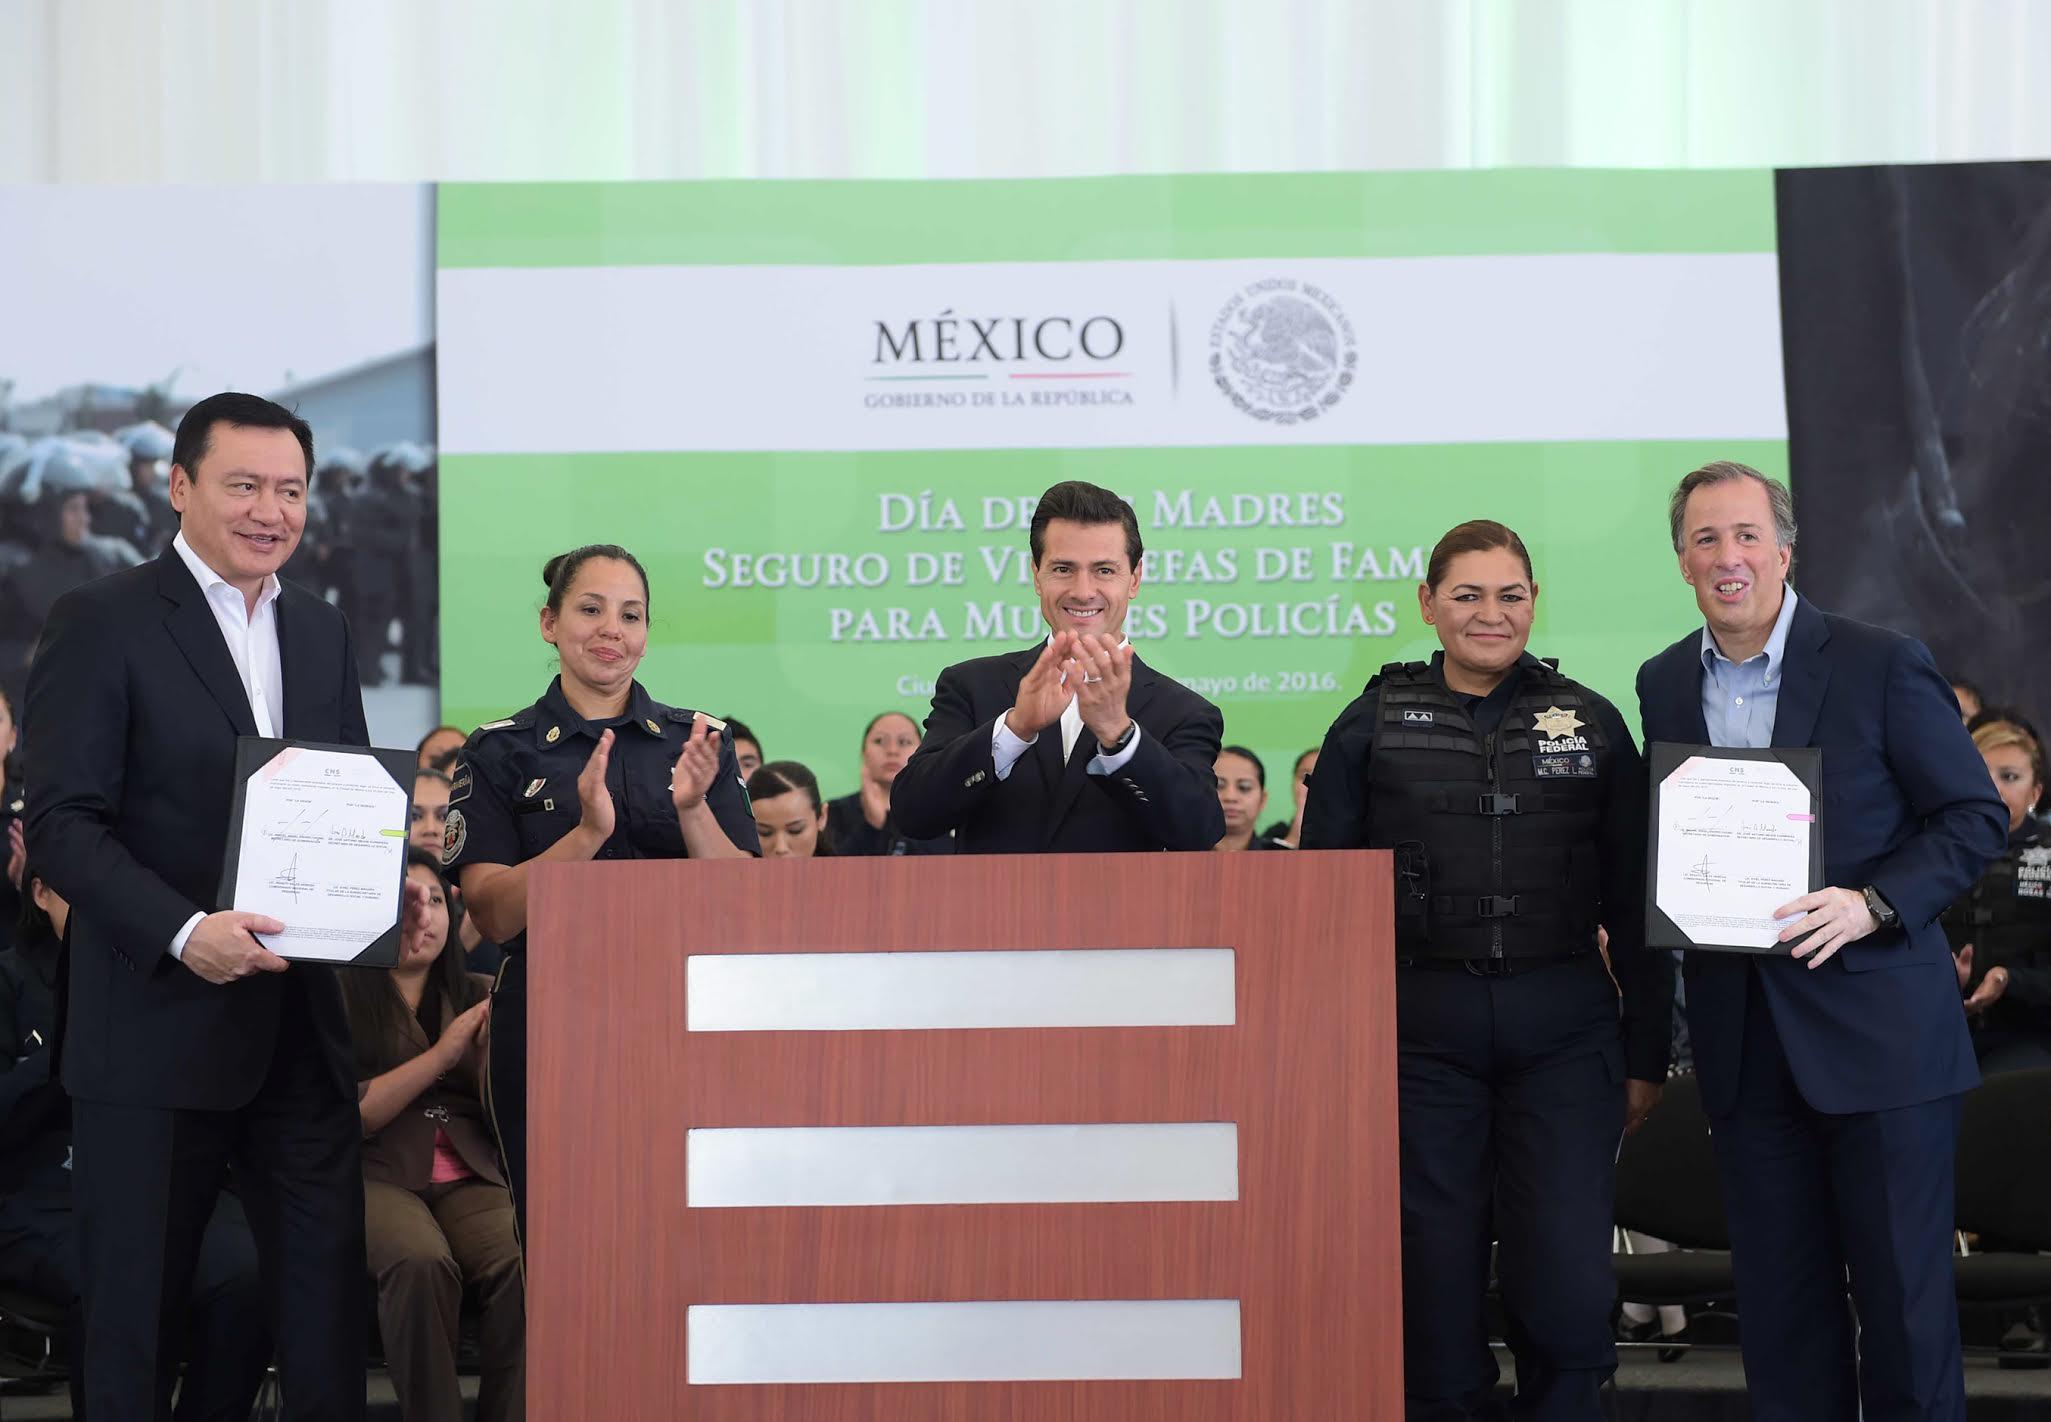 El Primer Mandatario atestiguó la firma del Convenio General de Colaboración entre las Secretarías de Gobernación y de Desarrollo Social, signado por sus titulares, Miguel Ángel Osorio Chong y José Antonio Meade.